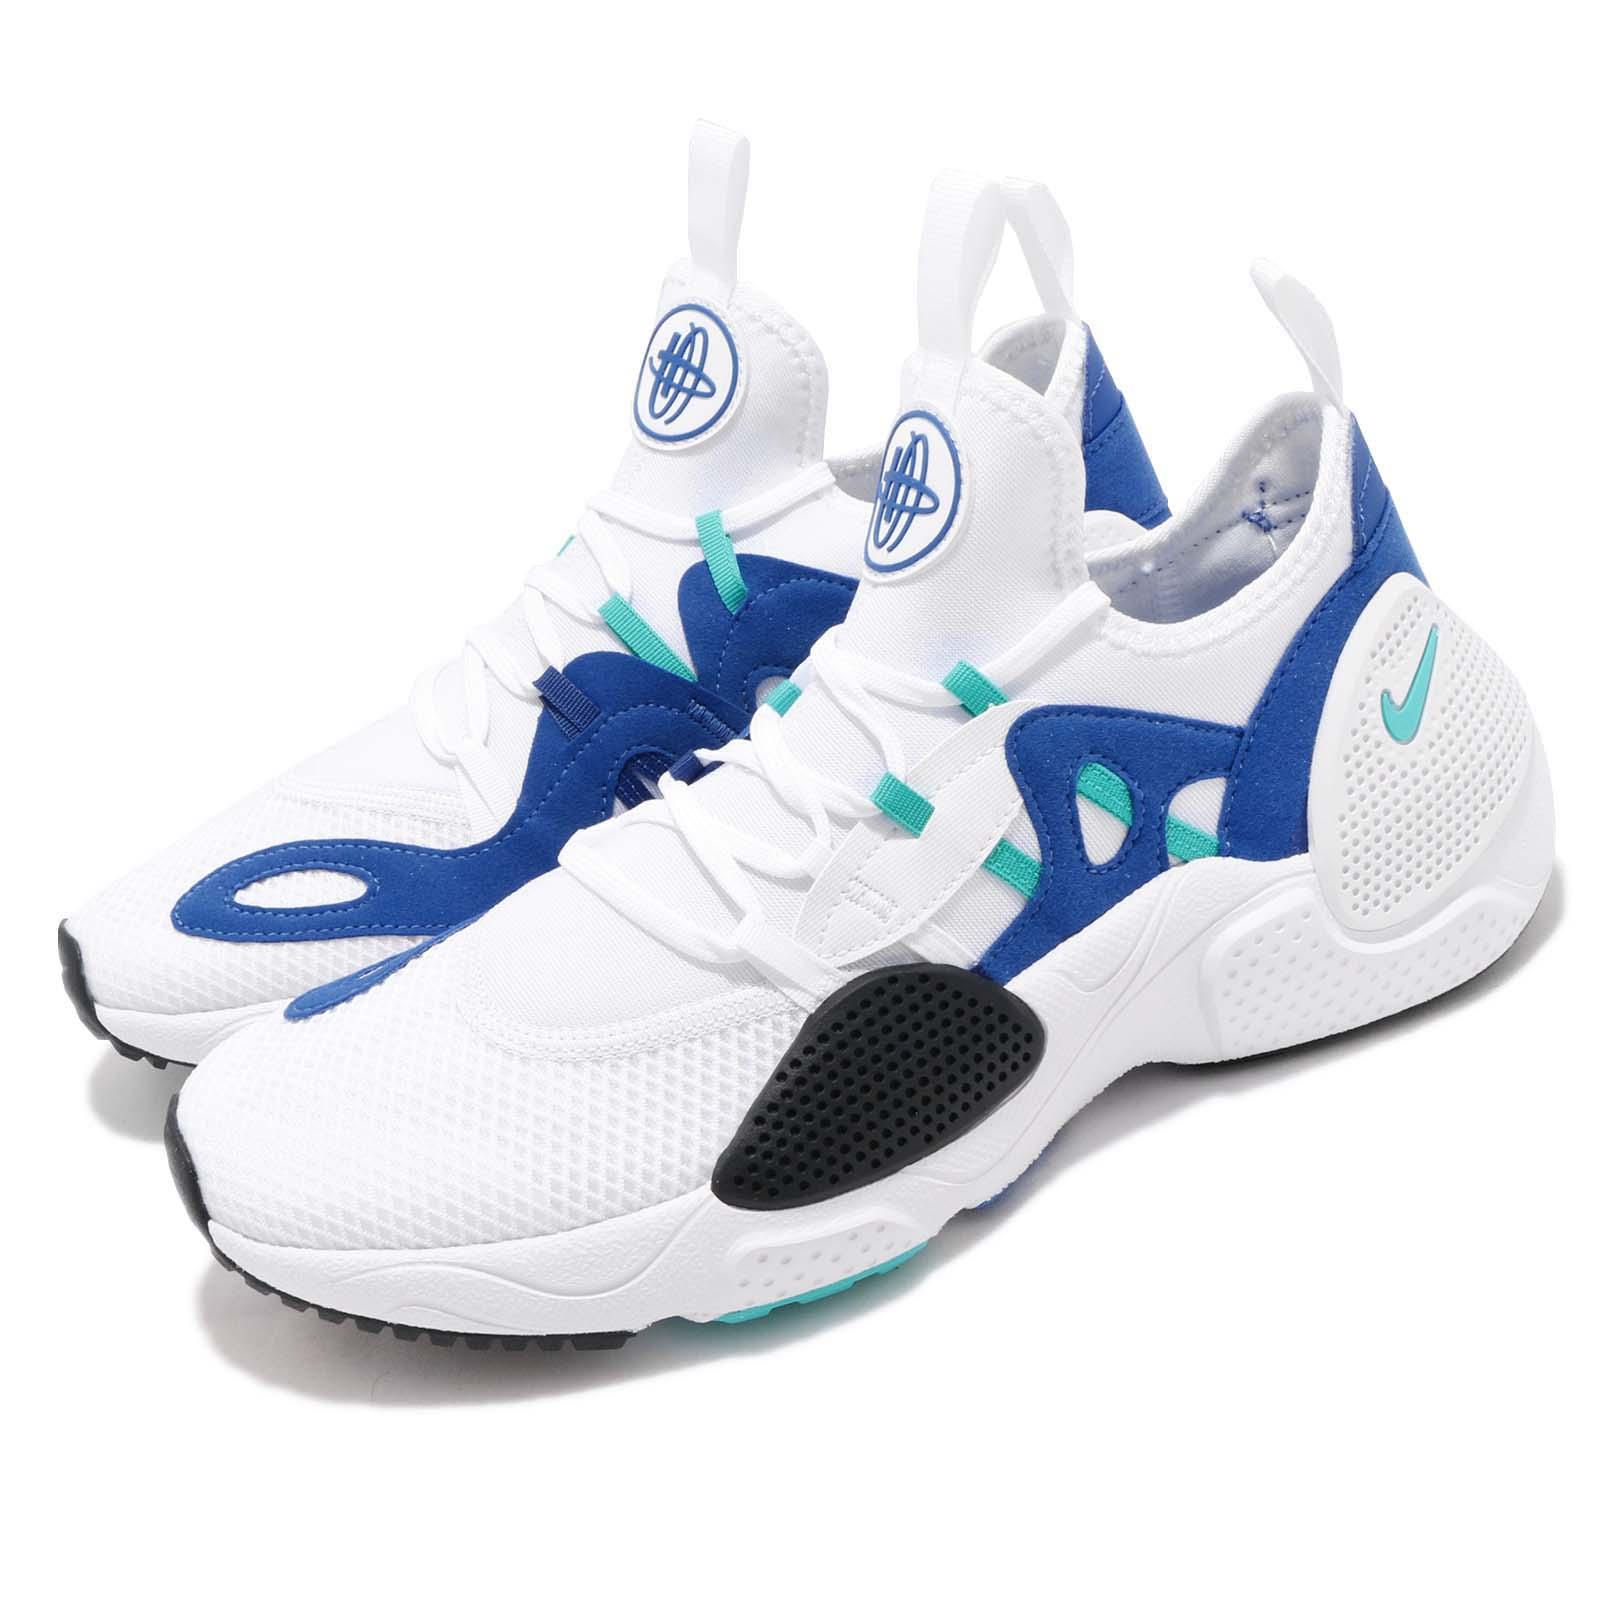 Nike Huarache E.D.G.E. 男鞋 AO1697-102